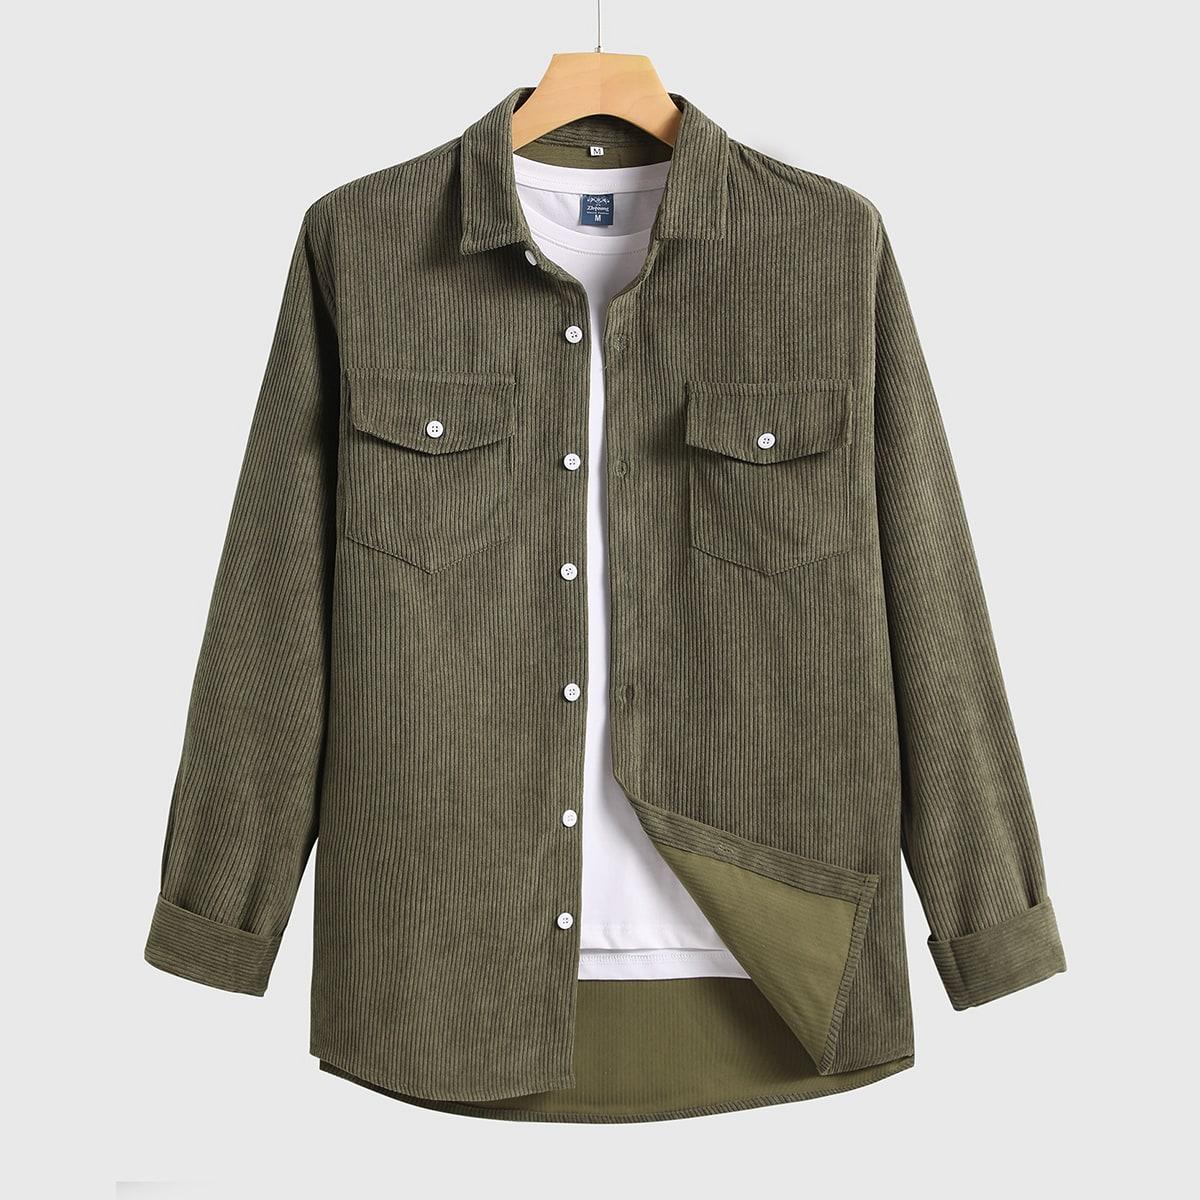 Карман Одноцветный Повседневный Мужские рубашки SheIn smshirt01201214590